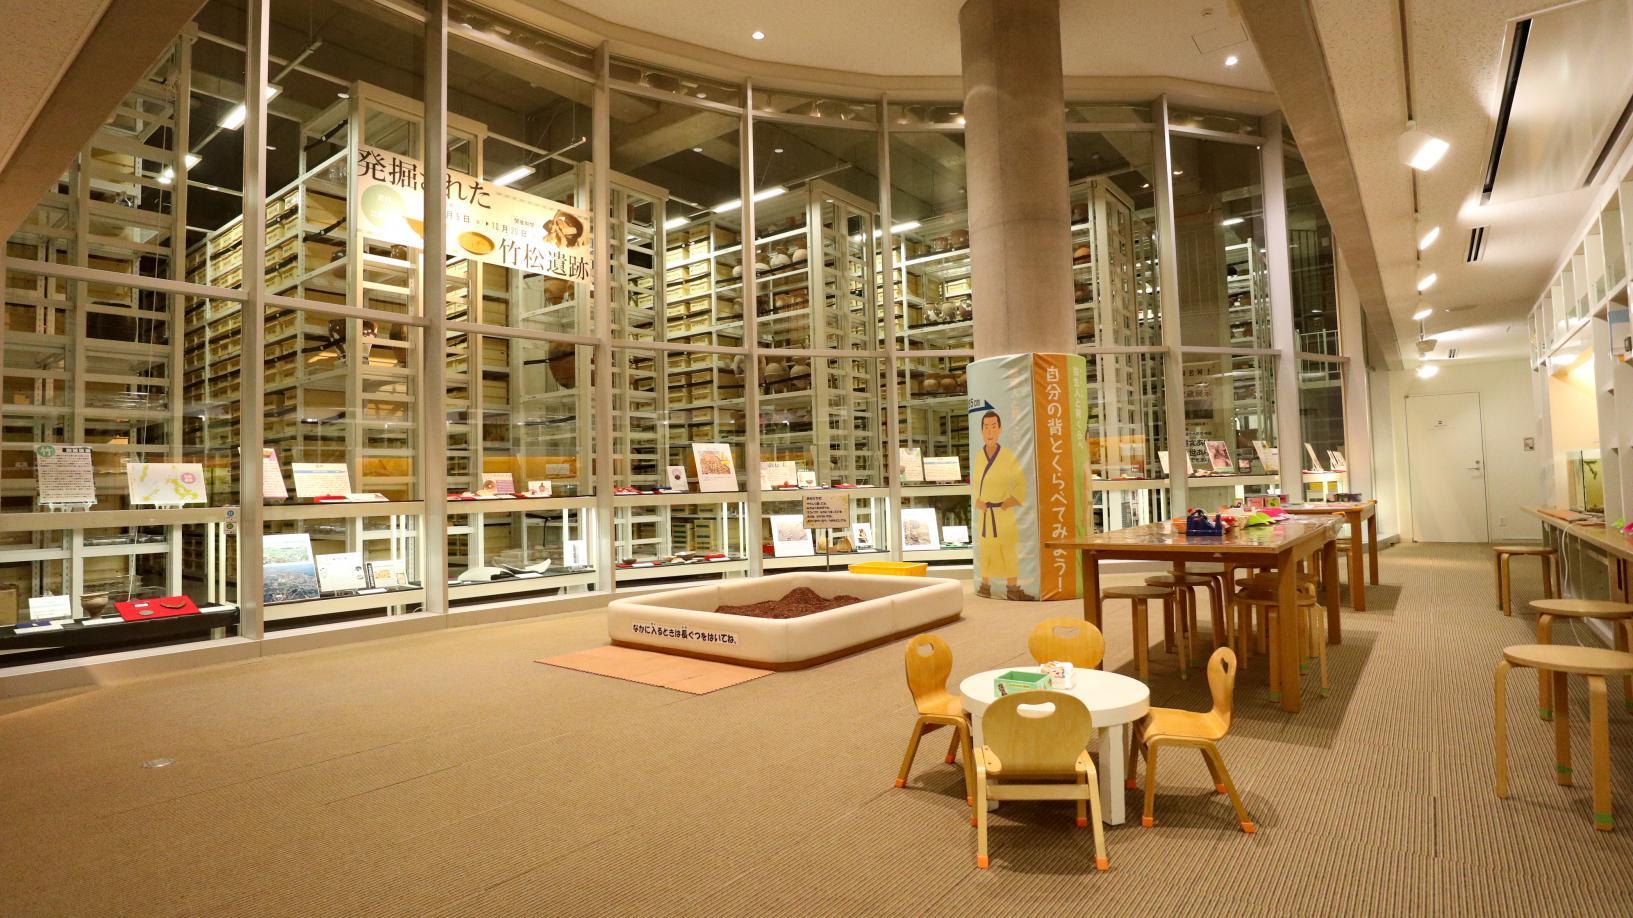 壱岐の歴史を楽しく学べる「一支国(いきこく)博物館」-9